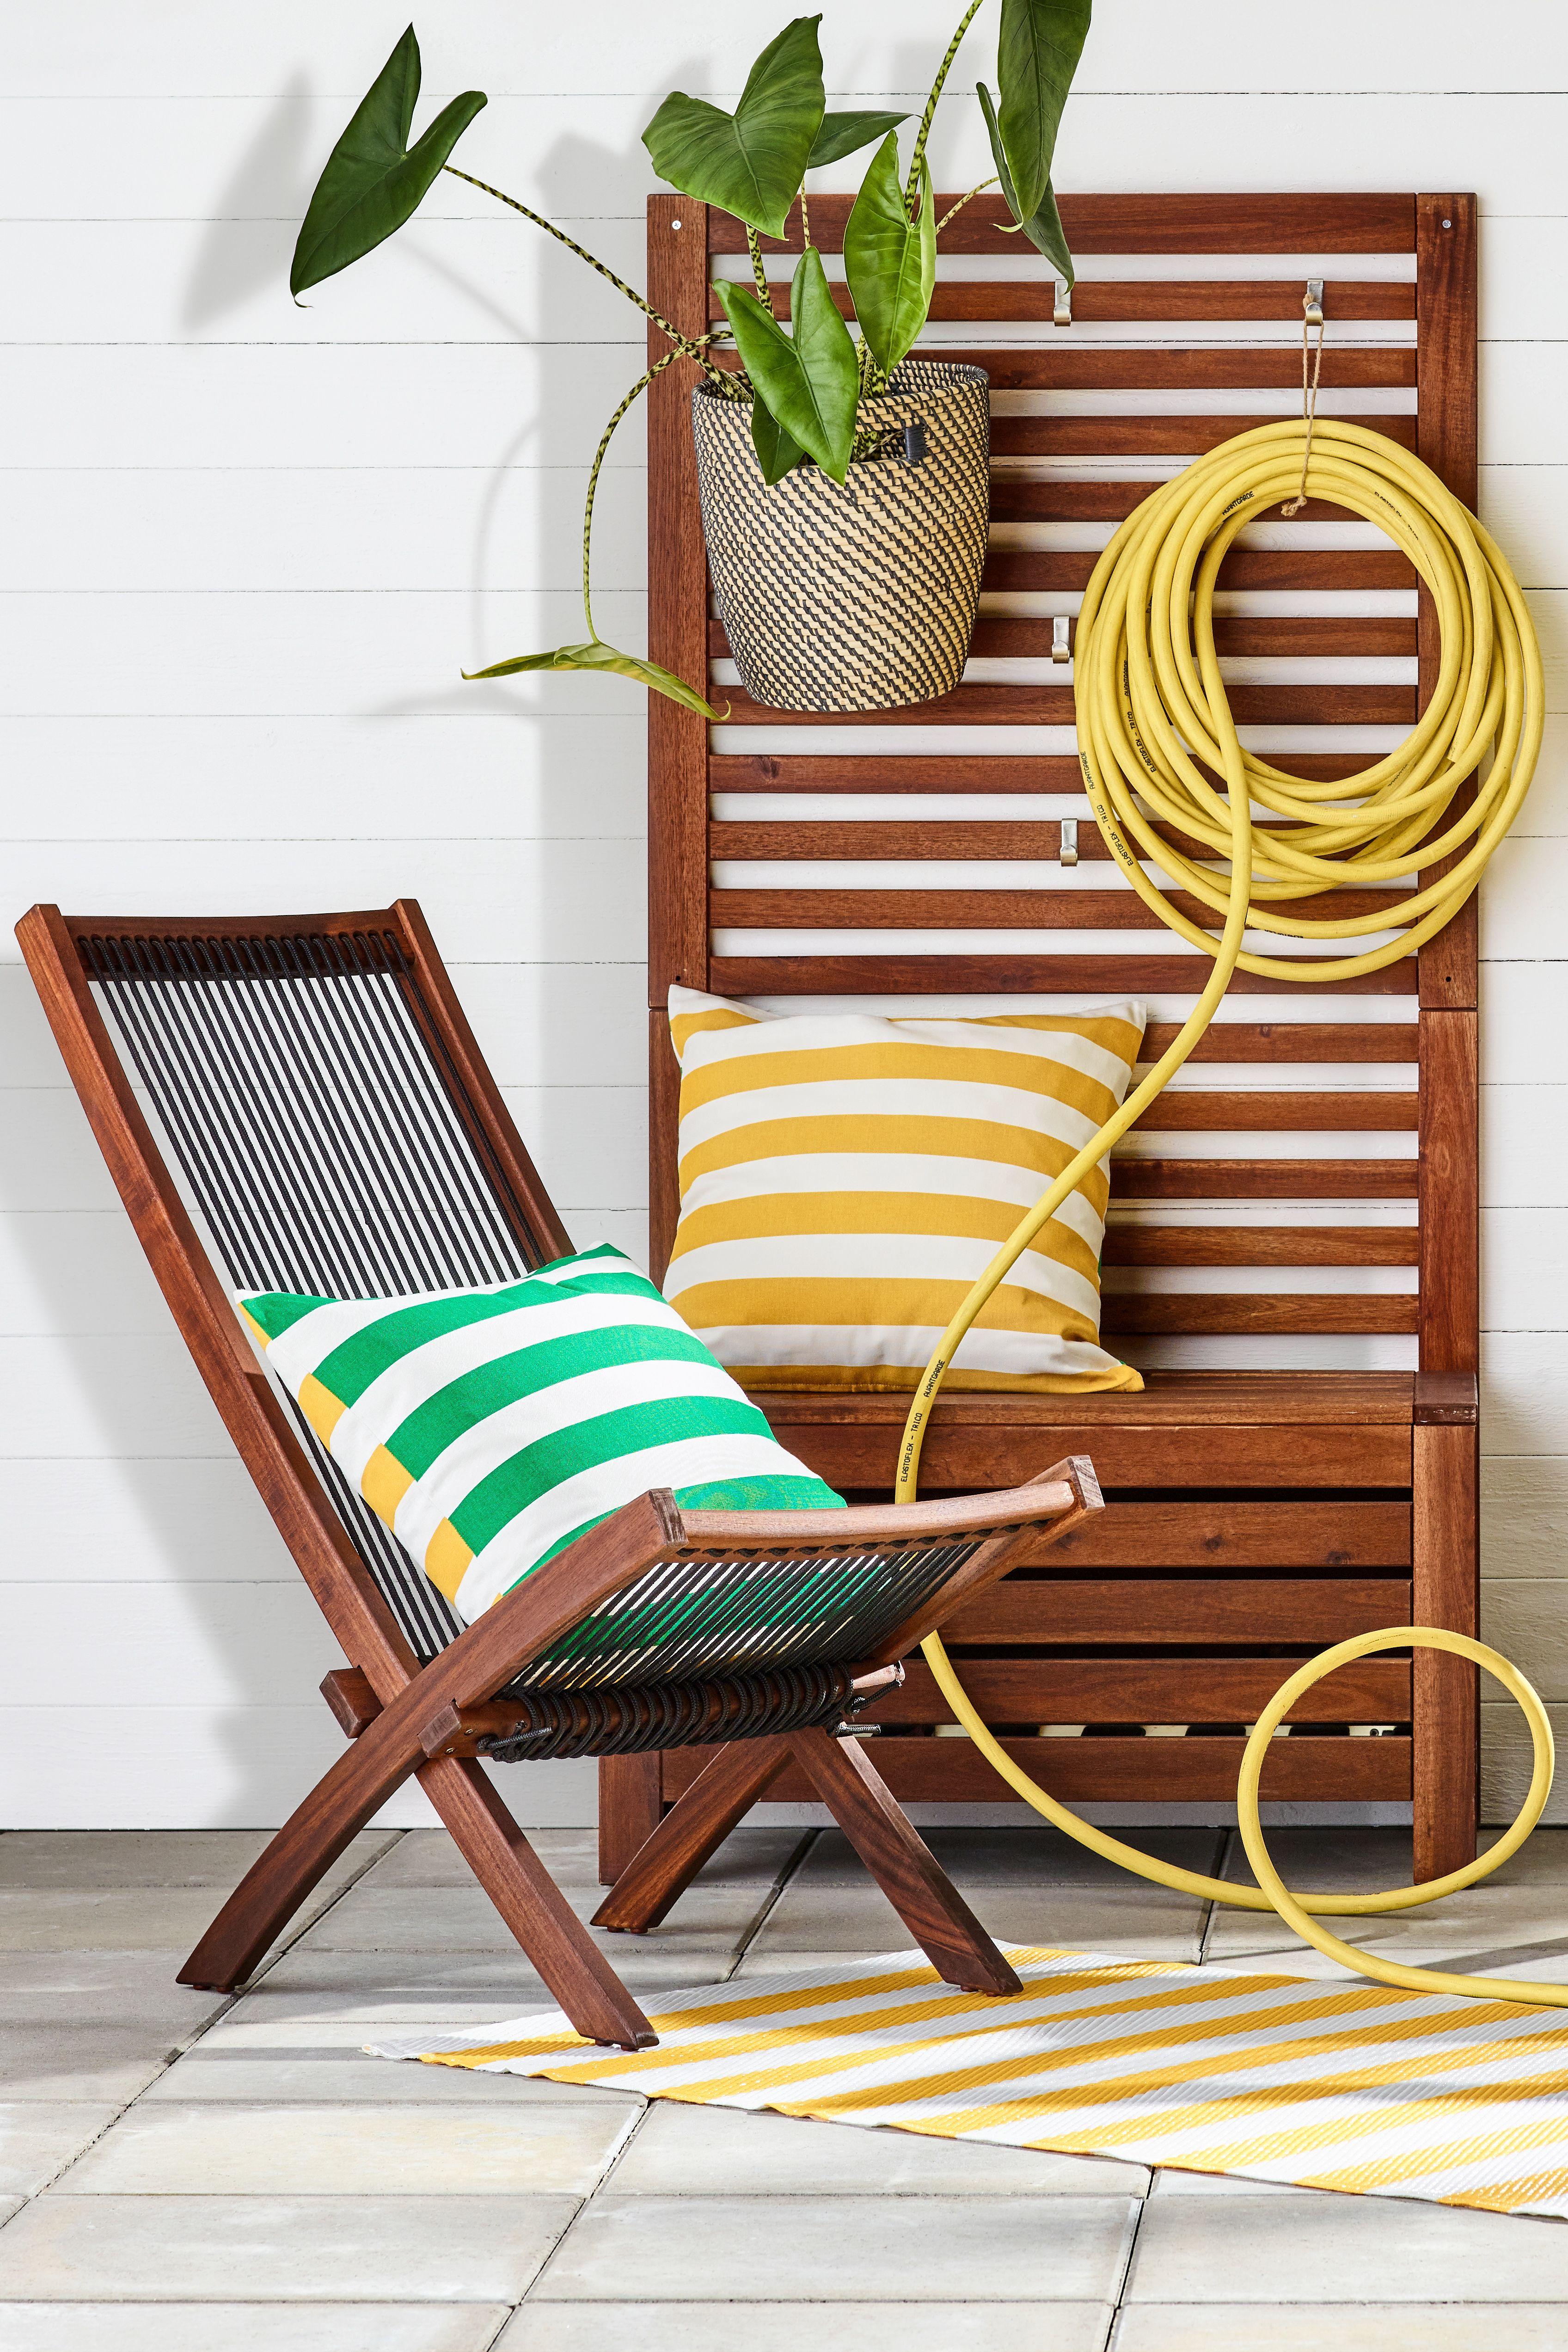 Holz Liegestuhl Ikea.Brommö Ruhesessel Außen Braun Las Schwarz Braun